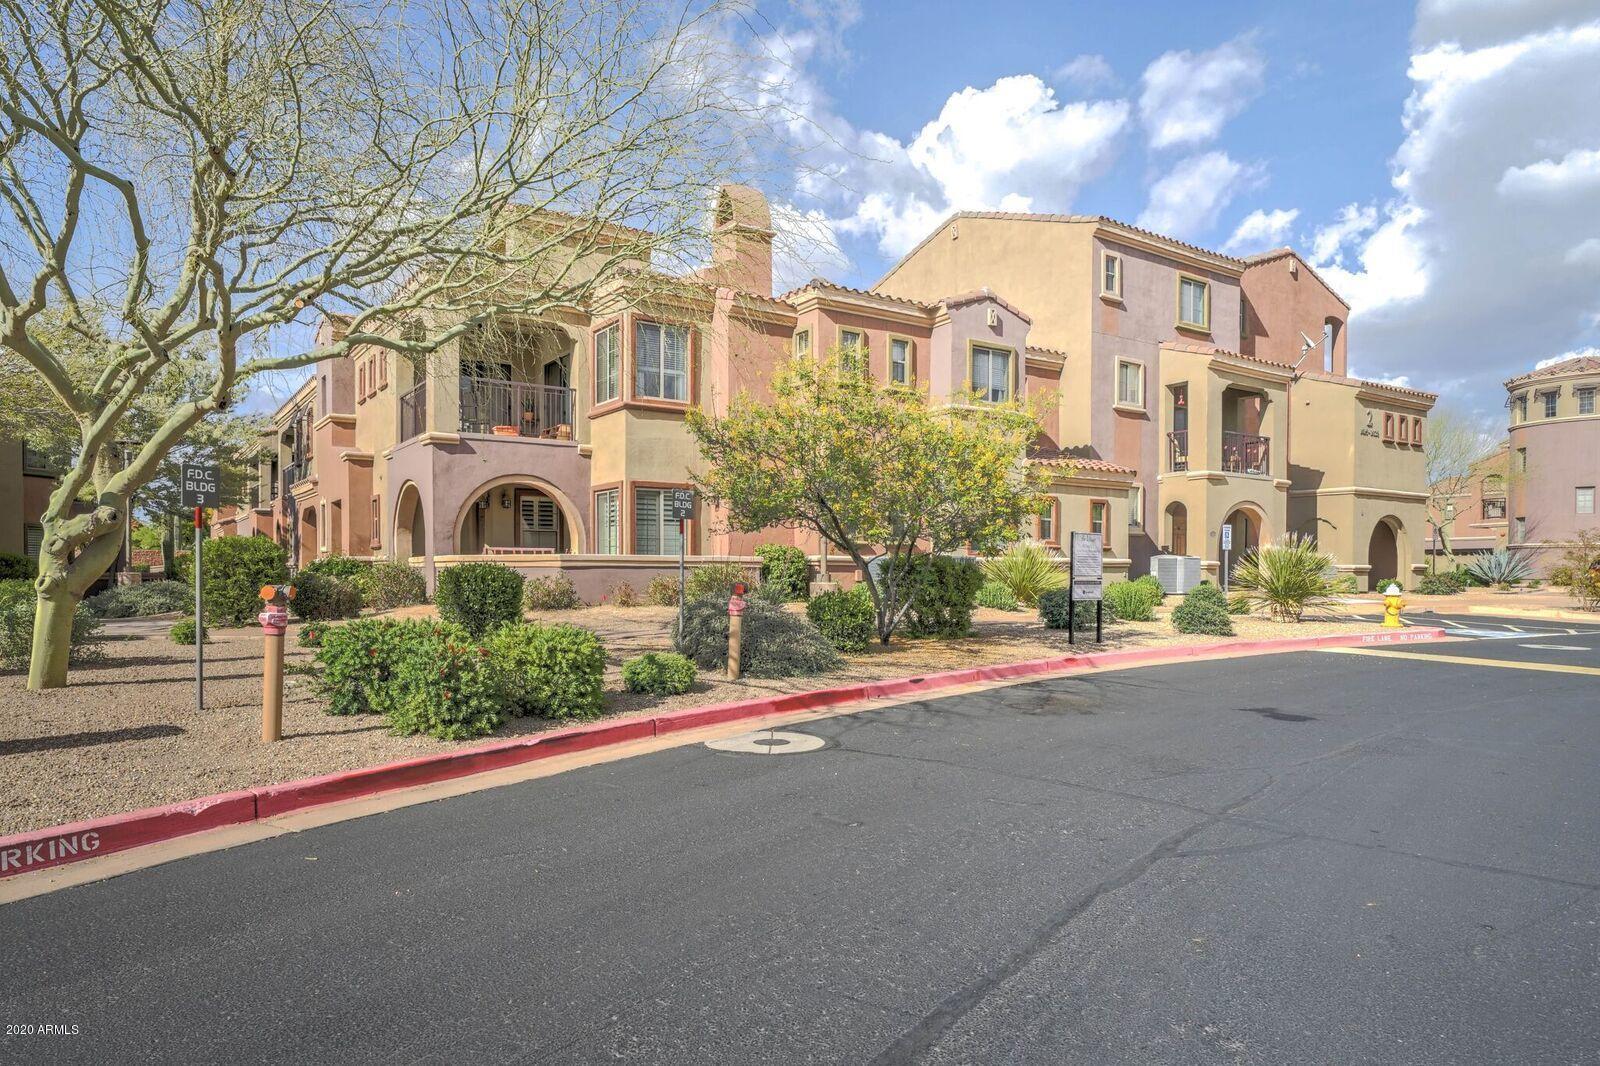 MLS 6067004 3935 E ROUGH RIDER Road Unit 1024 Building 2, Phoenix, AZ